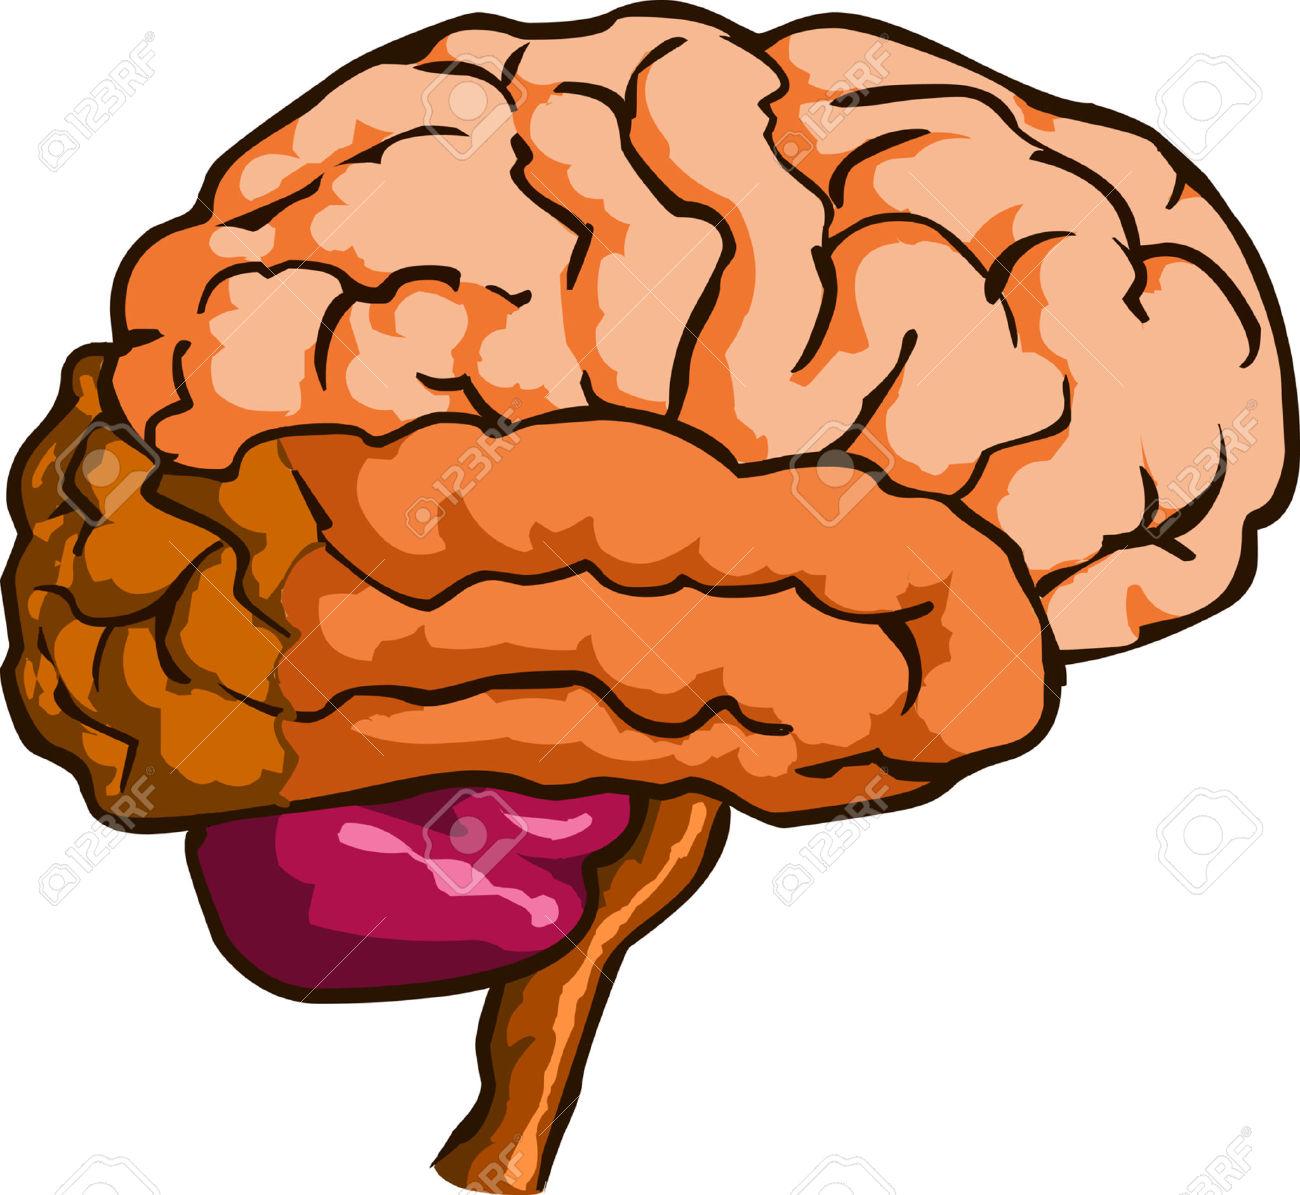 clipart brain - Clipart Of Brain